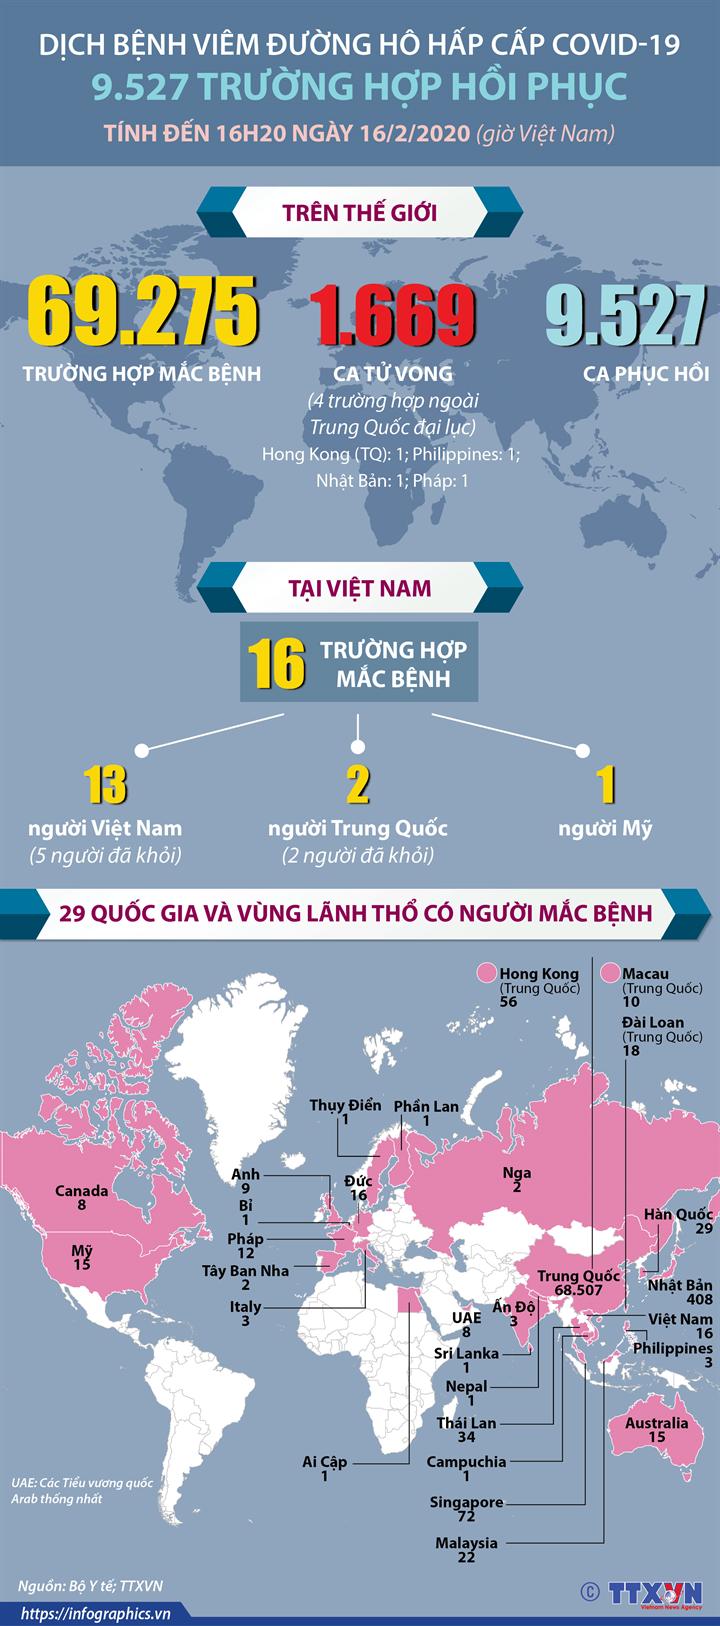 Dịch bệnh viêm đường hô hấp cấp COVID-19: Tính đến 16h20 ngày 15/2/2020 (giờ Việt Nam) có 9.527 trường hợp hồi phục